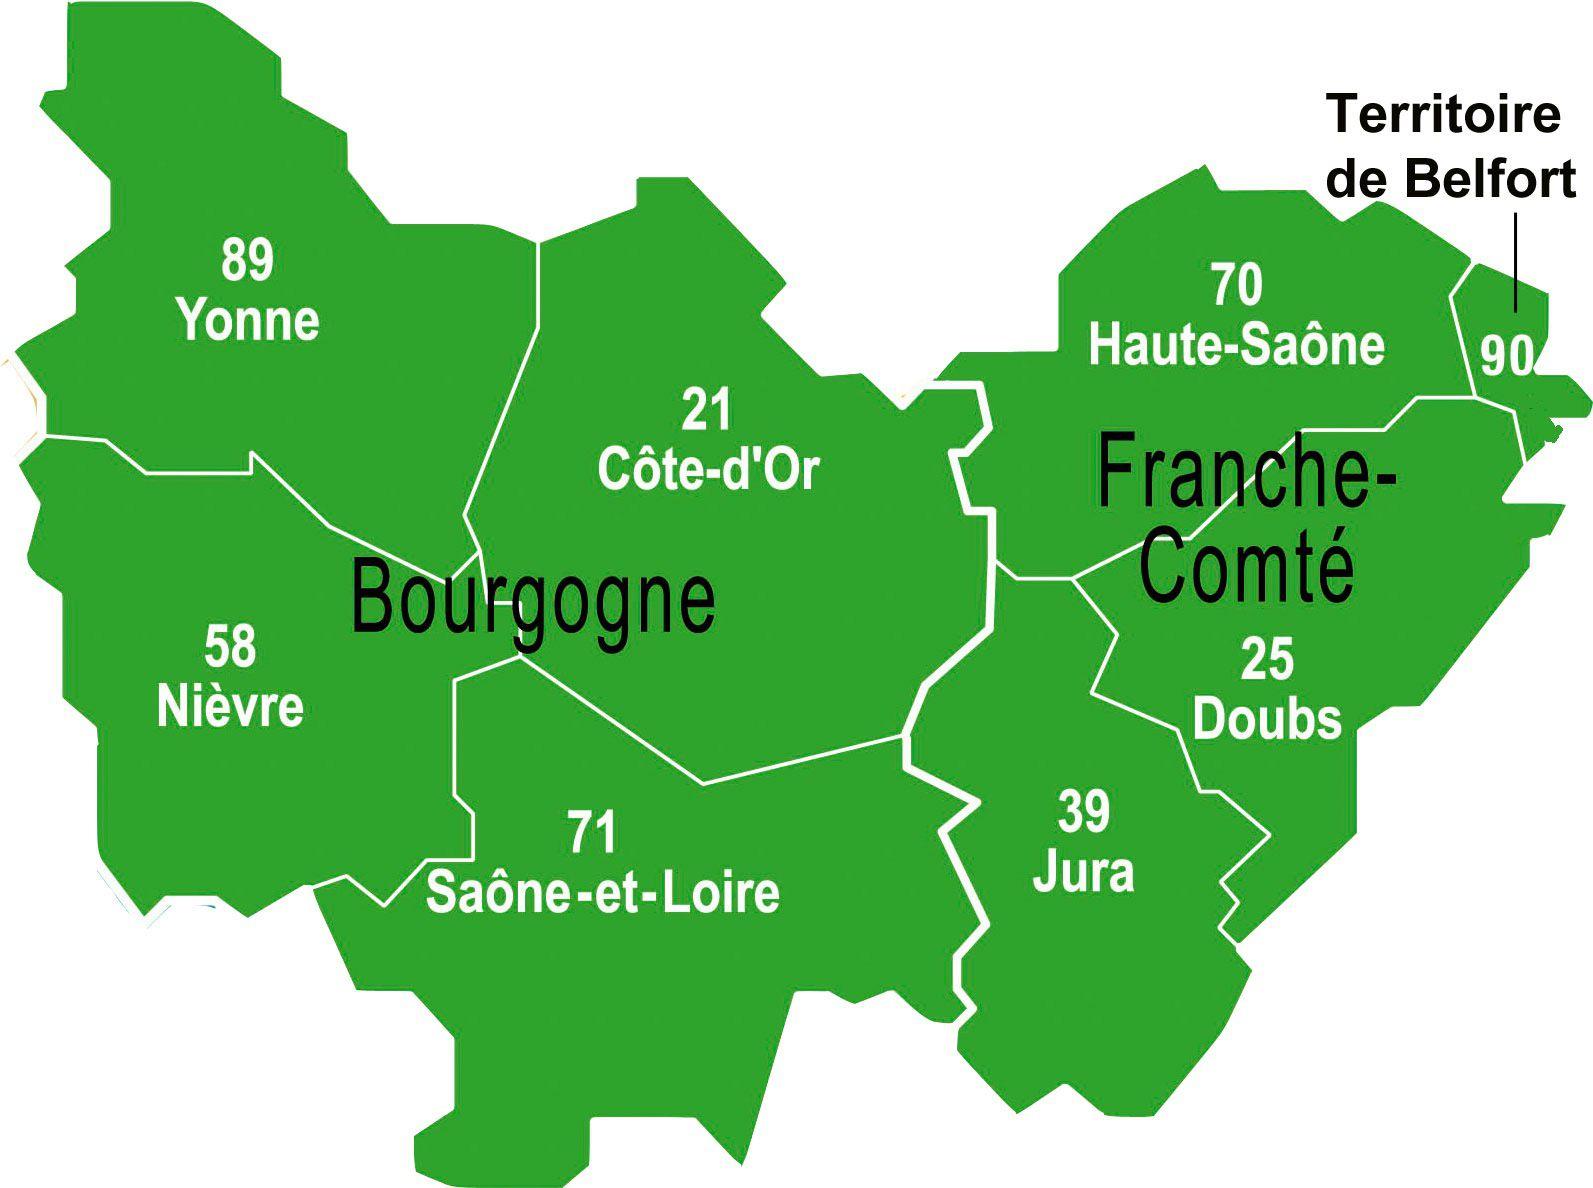 carte région bourgogne franche comté Carte Region Bourgogne 2012 Free Ebook | Haryana Gk Book In Hindi